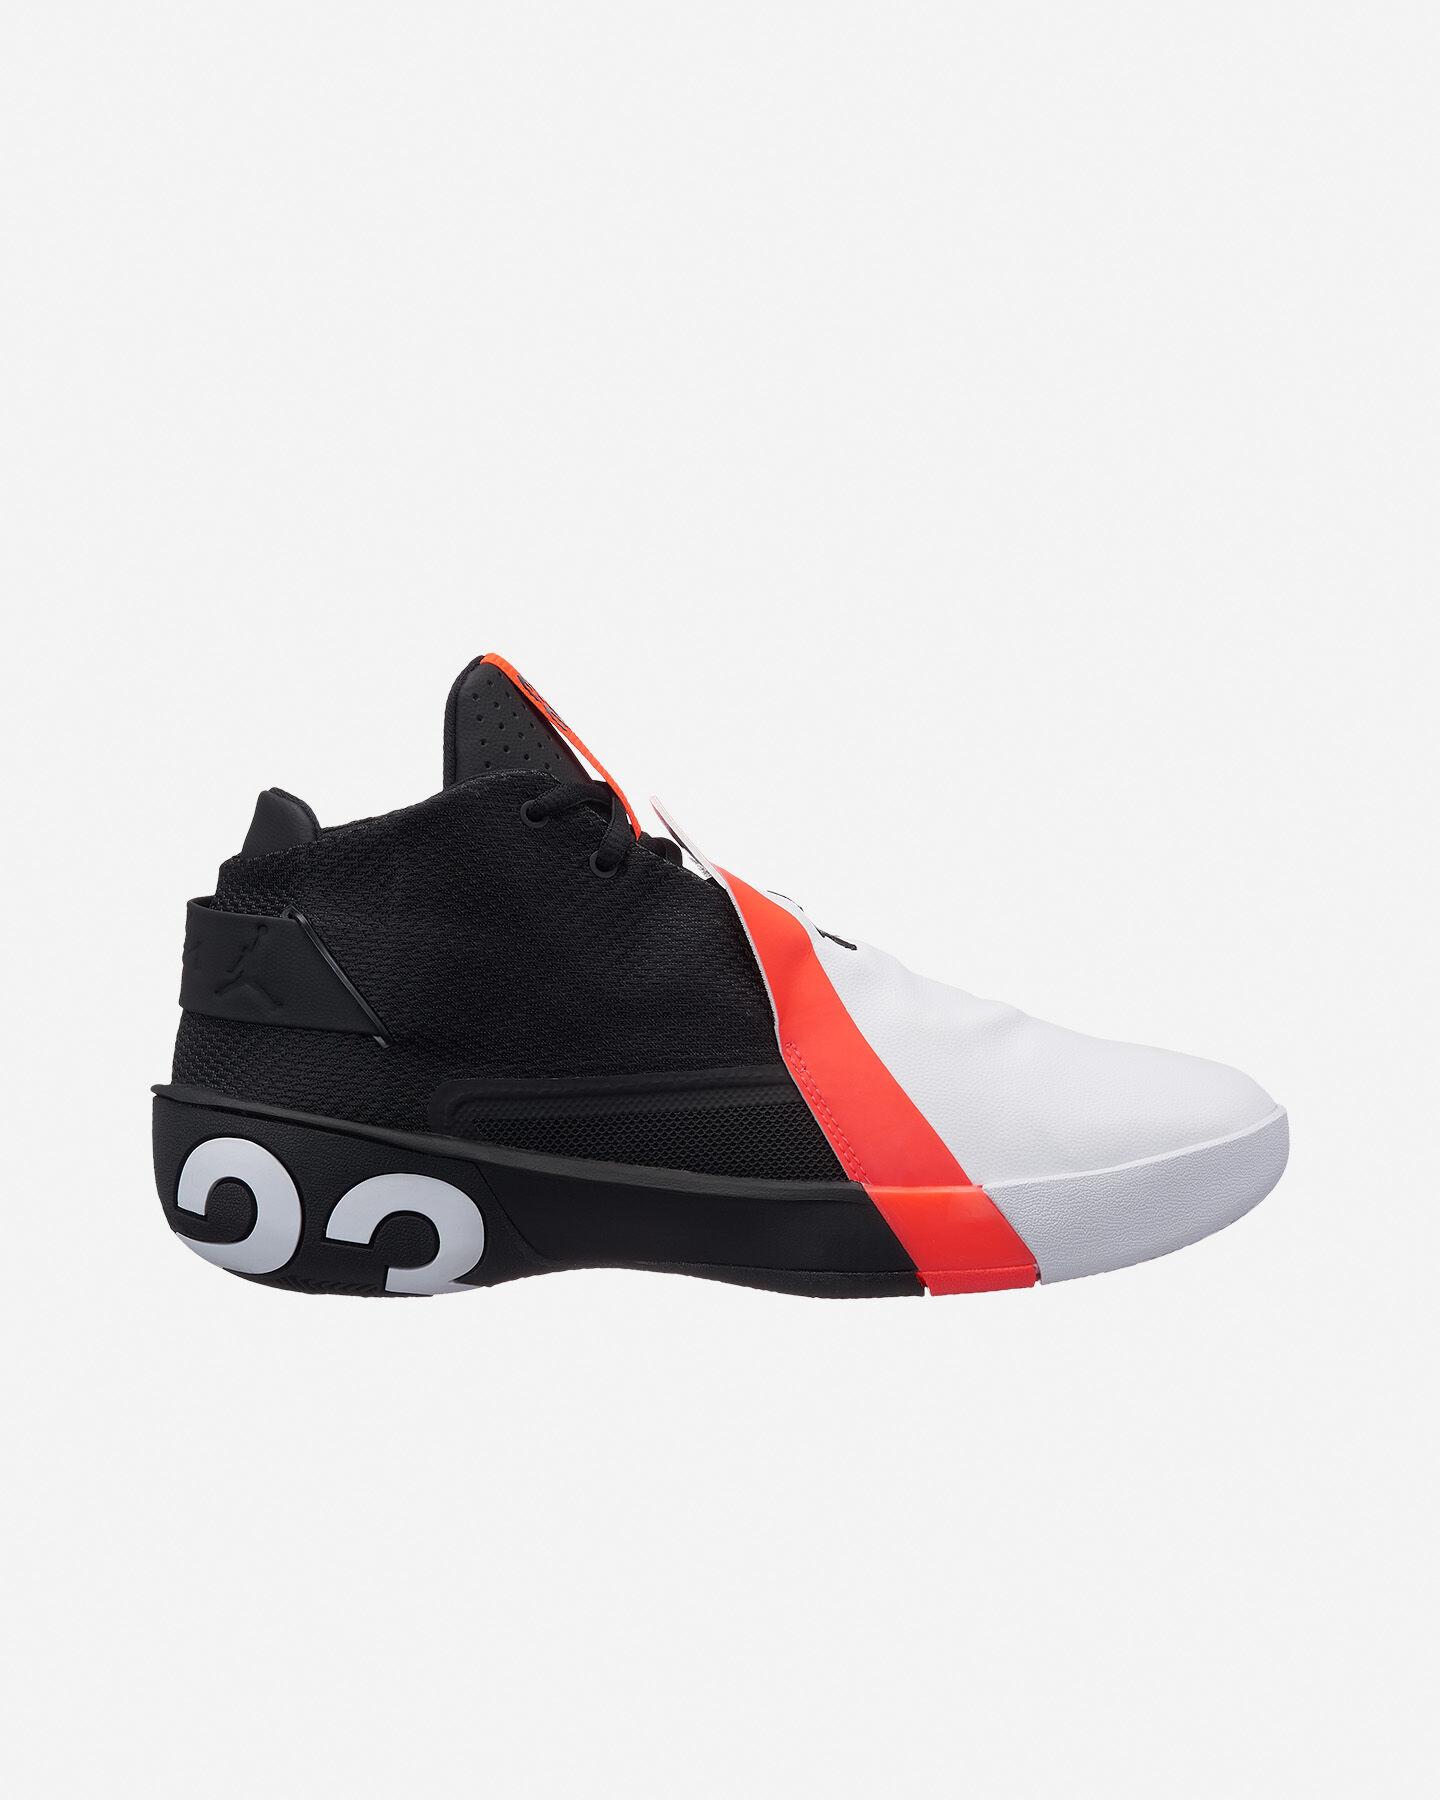 Air Scarpe Abbigliamento E Cisalfa Jordan Sport 77wp6Tqrc5 8efeb2a315af